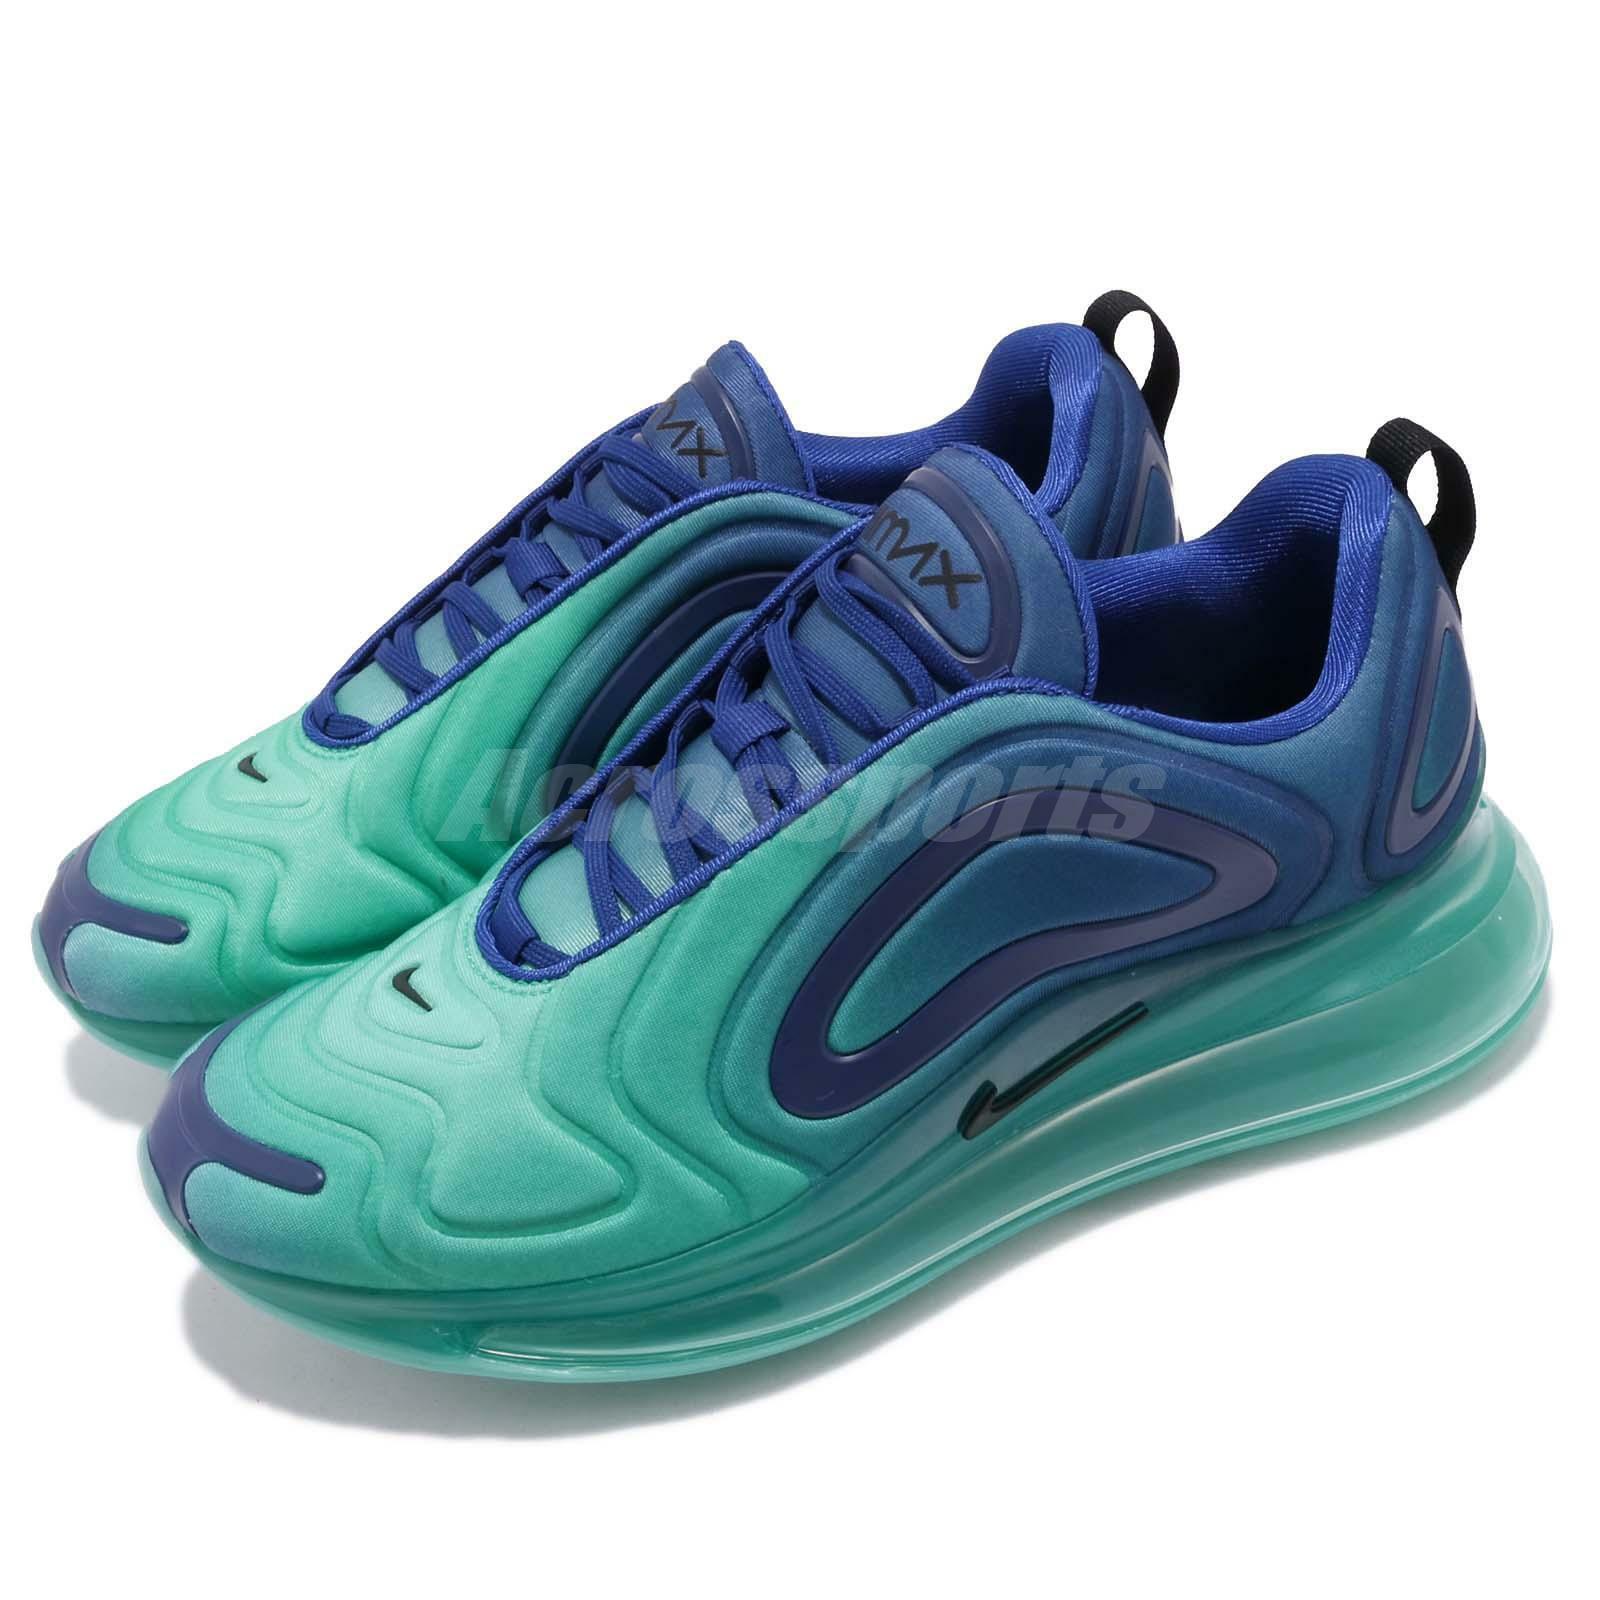 Nike Air Max 720 Sea Forest Deep Royal